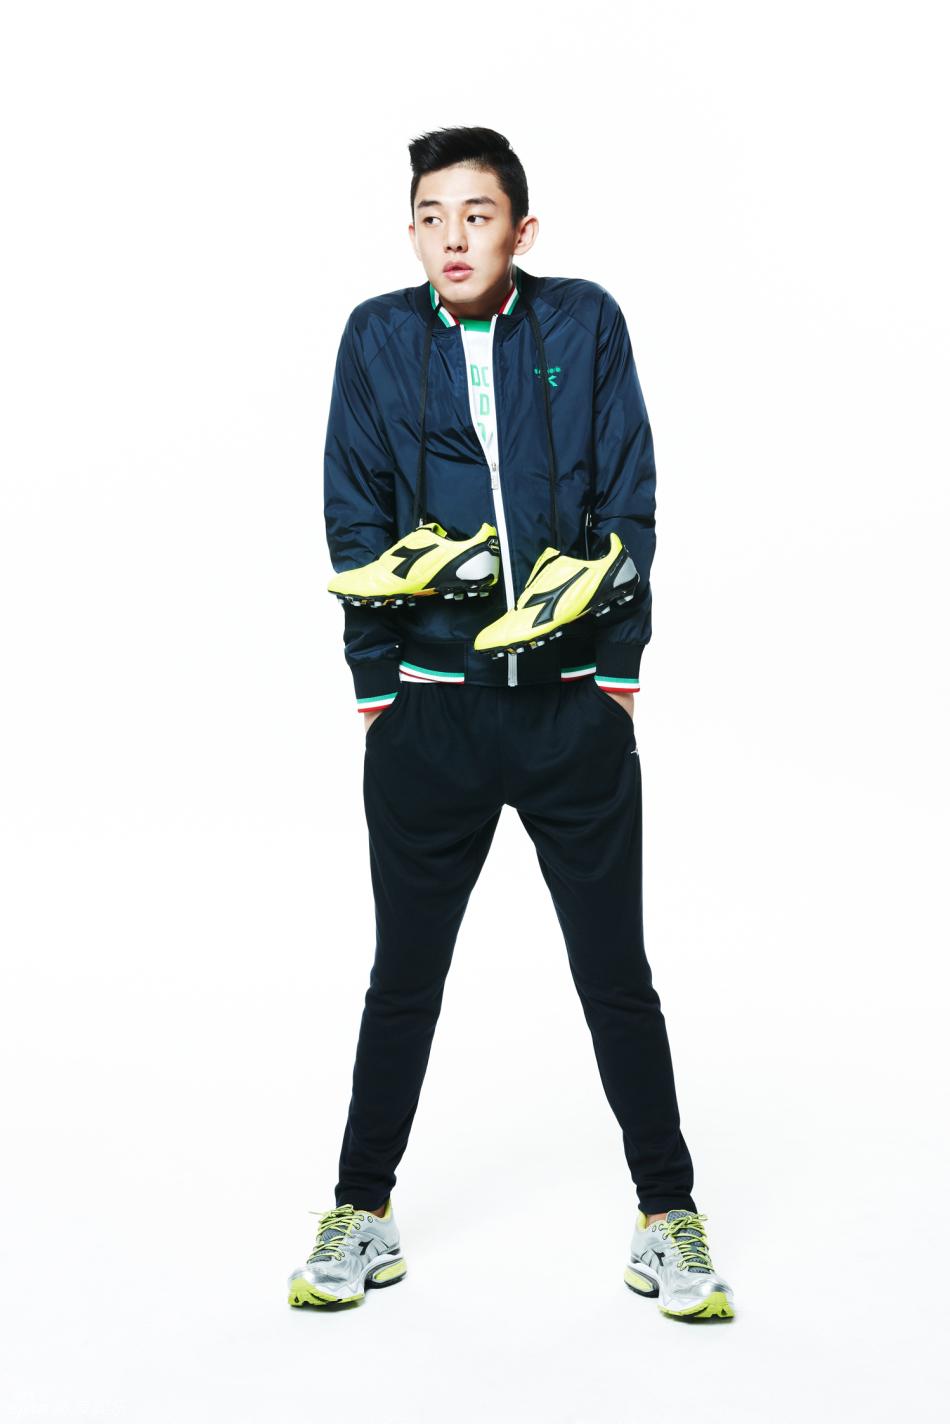 刘亚仁日前为某运动装品牌拍摄一组写真,身着各种不同款式时尚